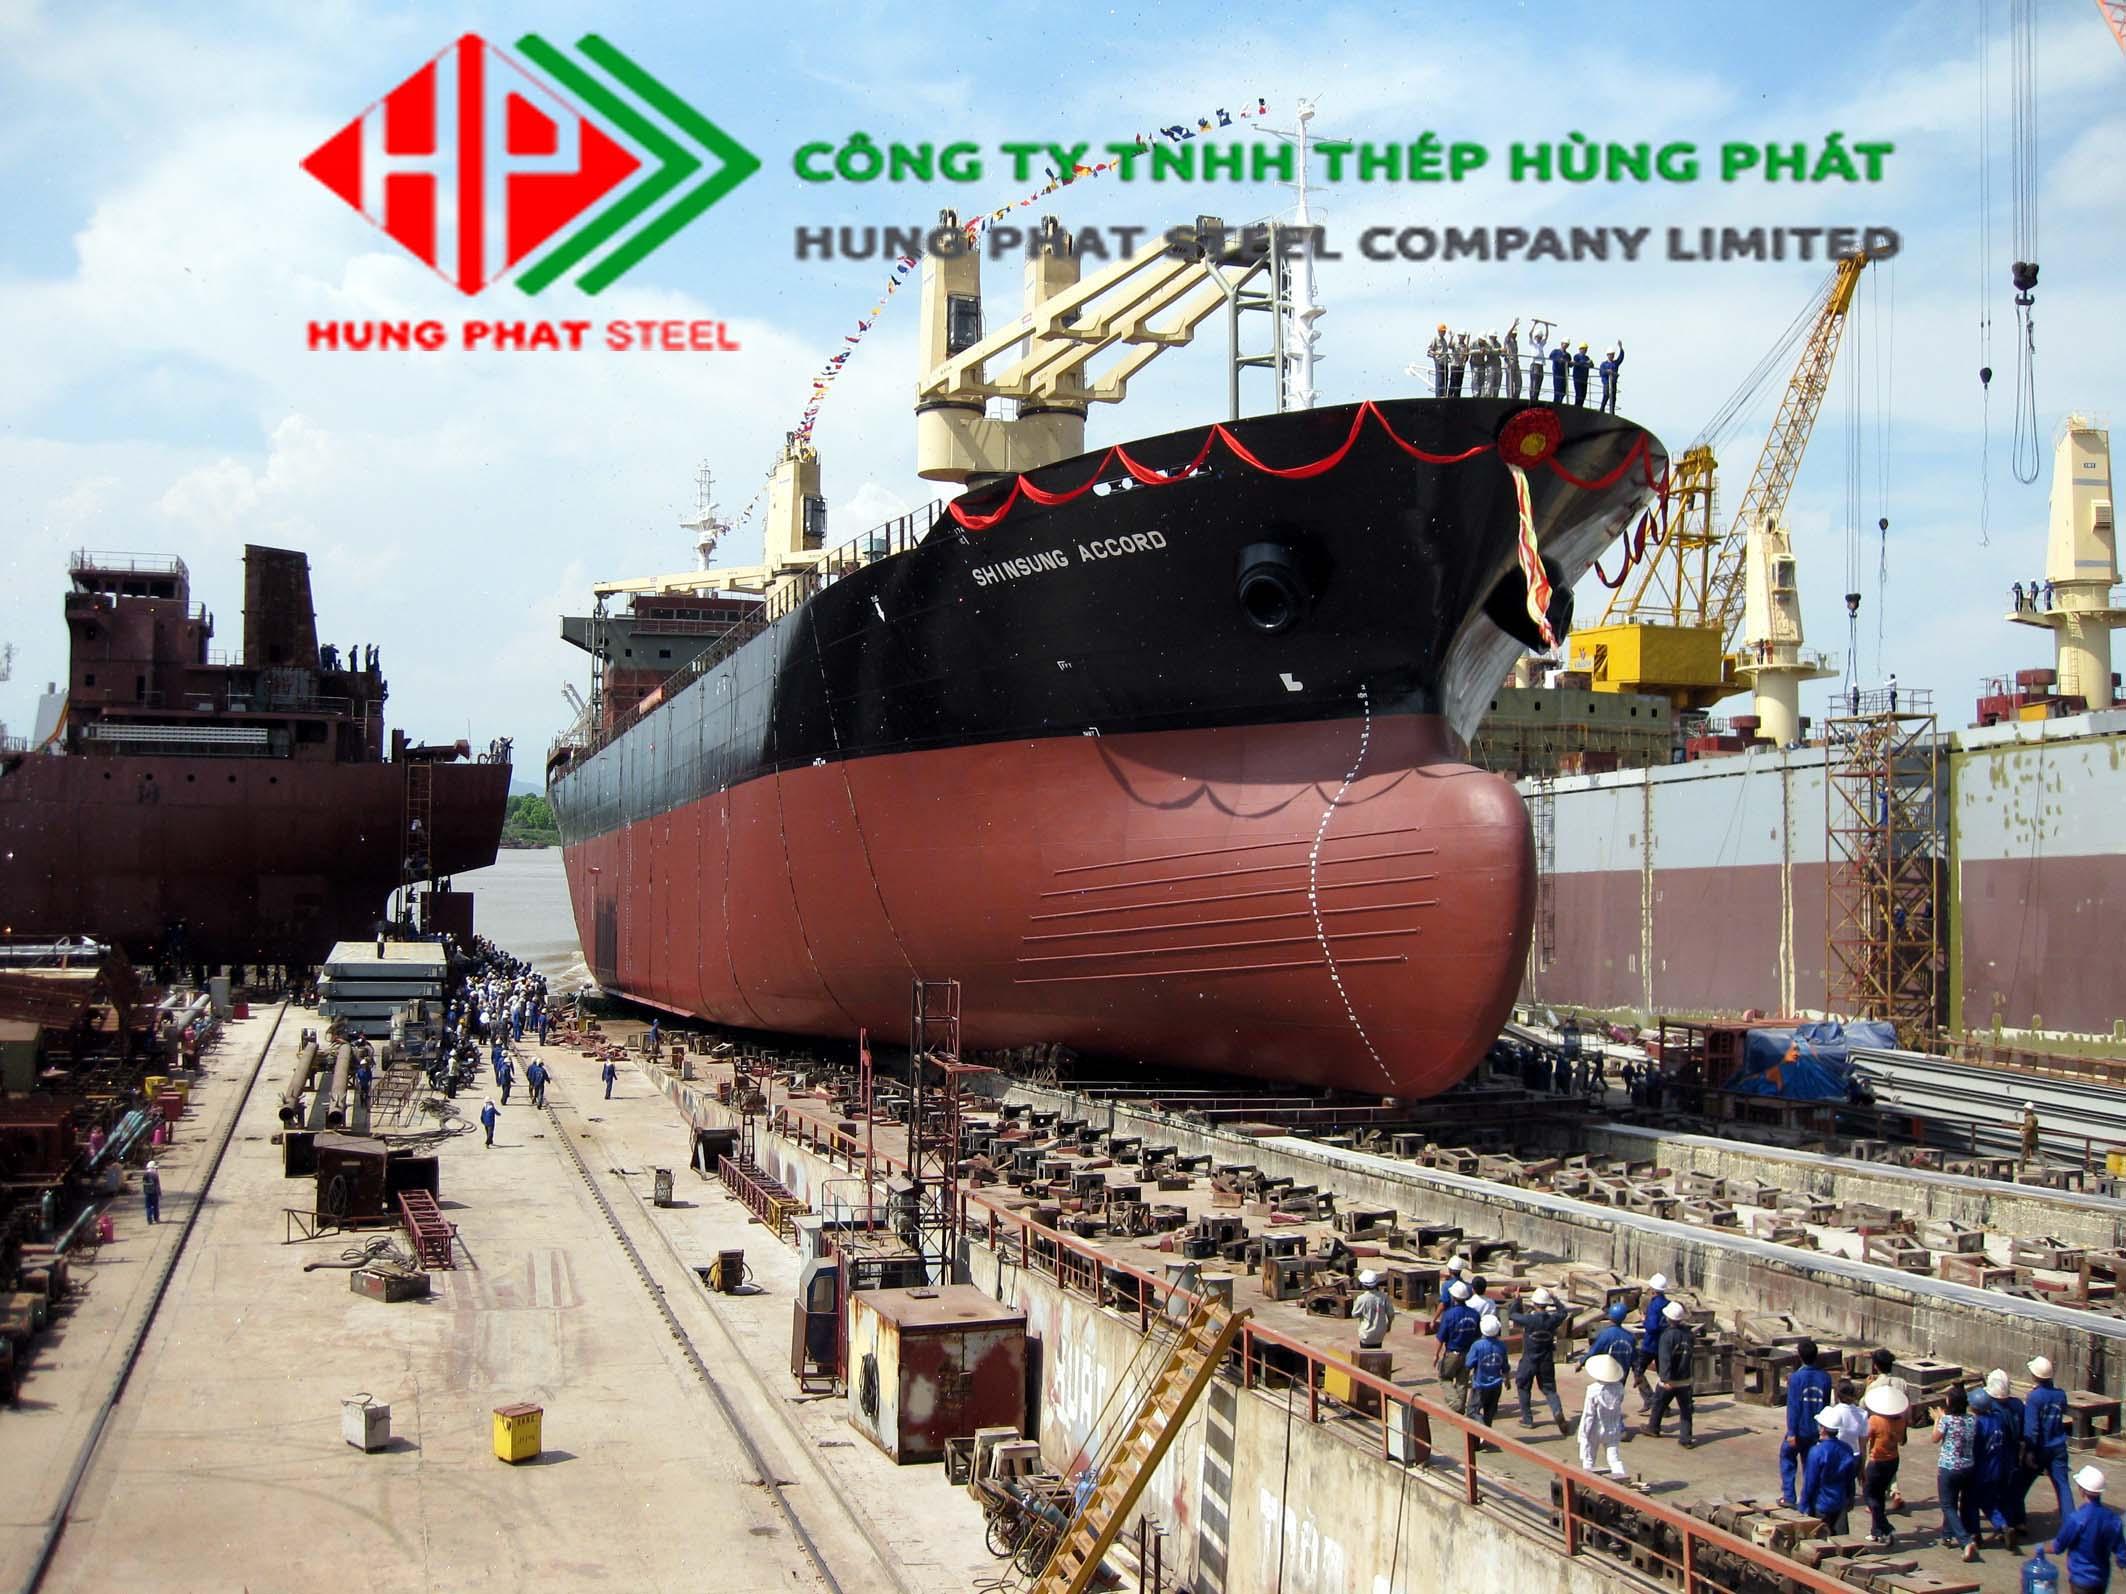 Ứng dụng của kết cấu thép trong Đóng tàu